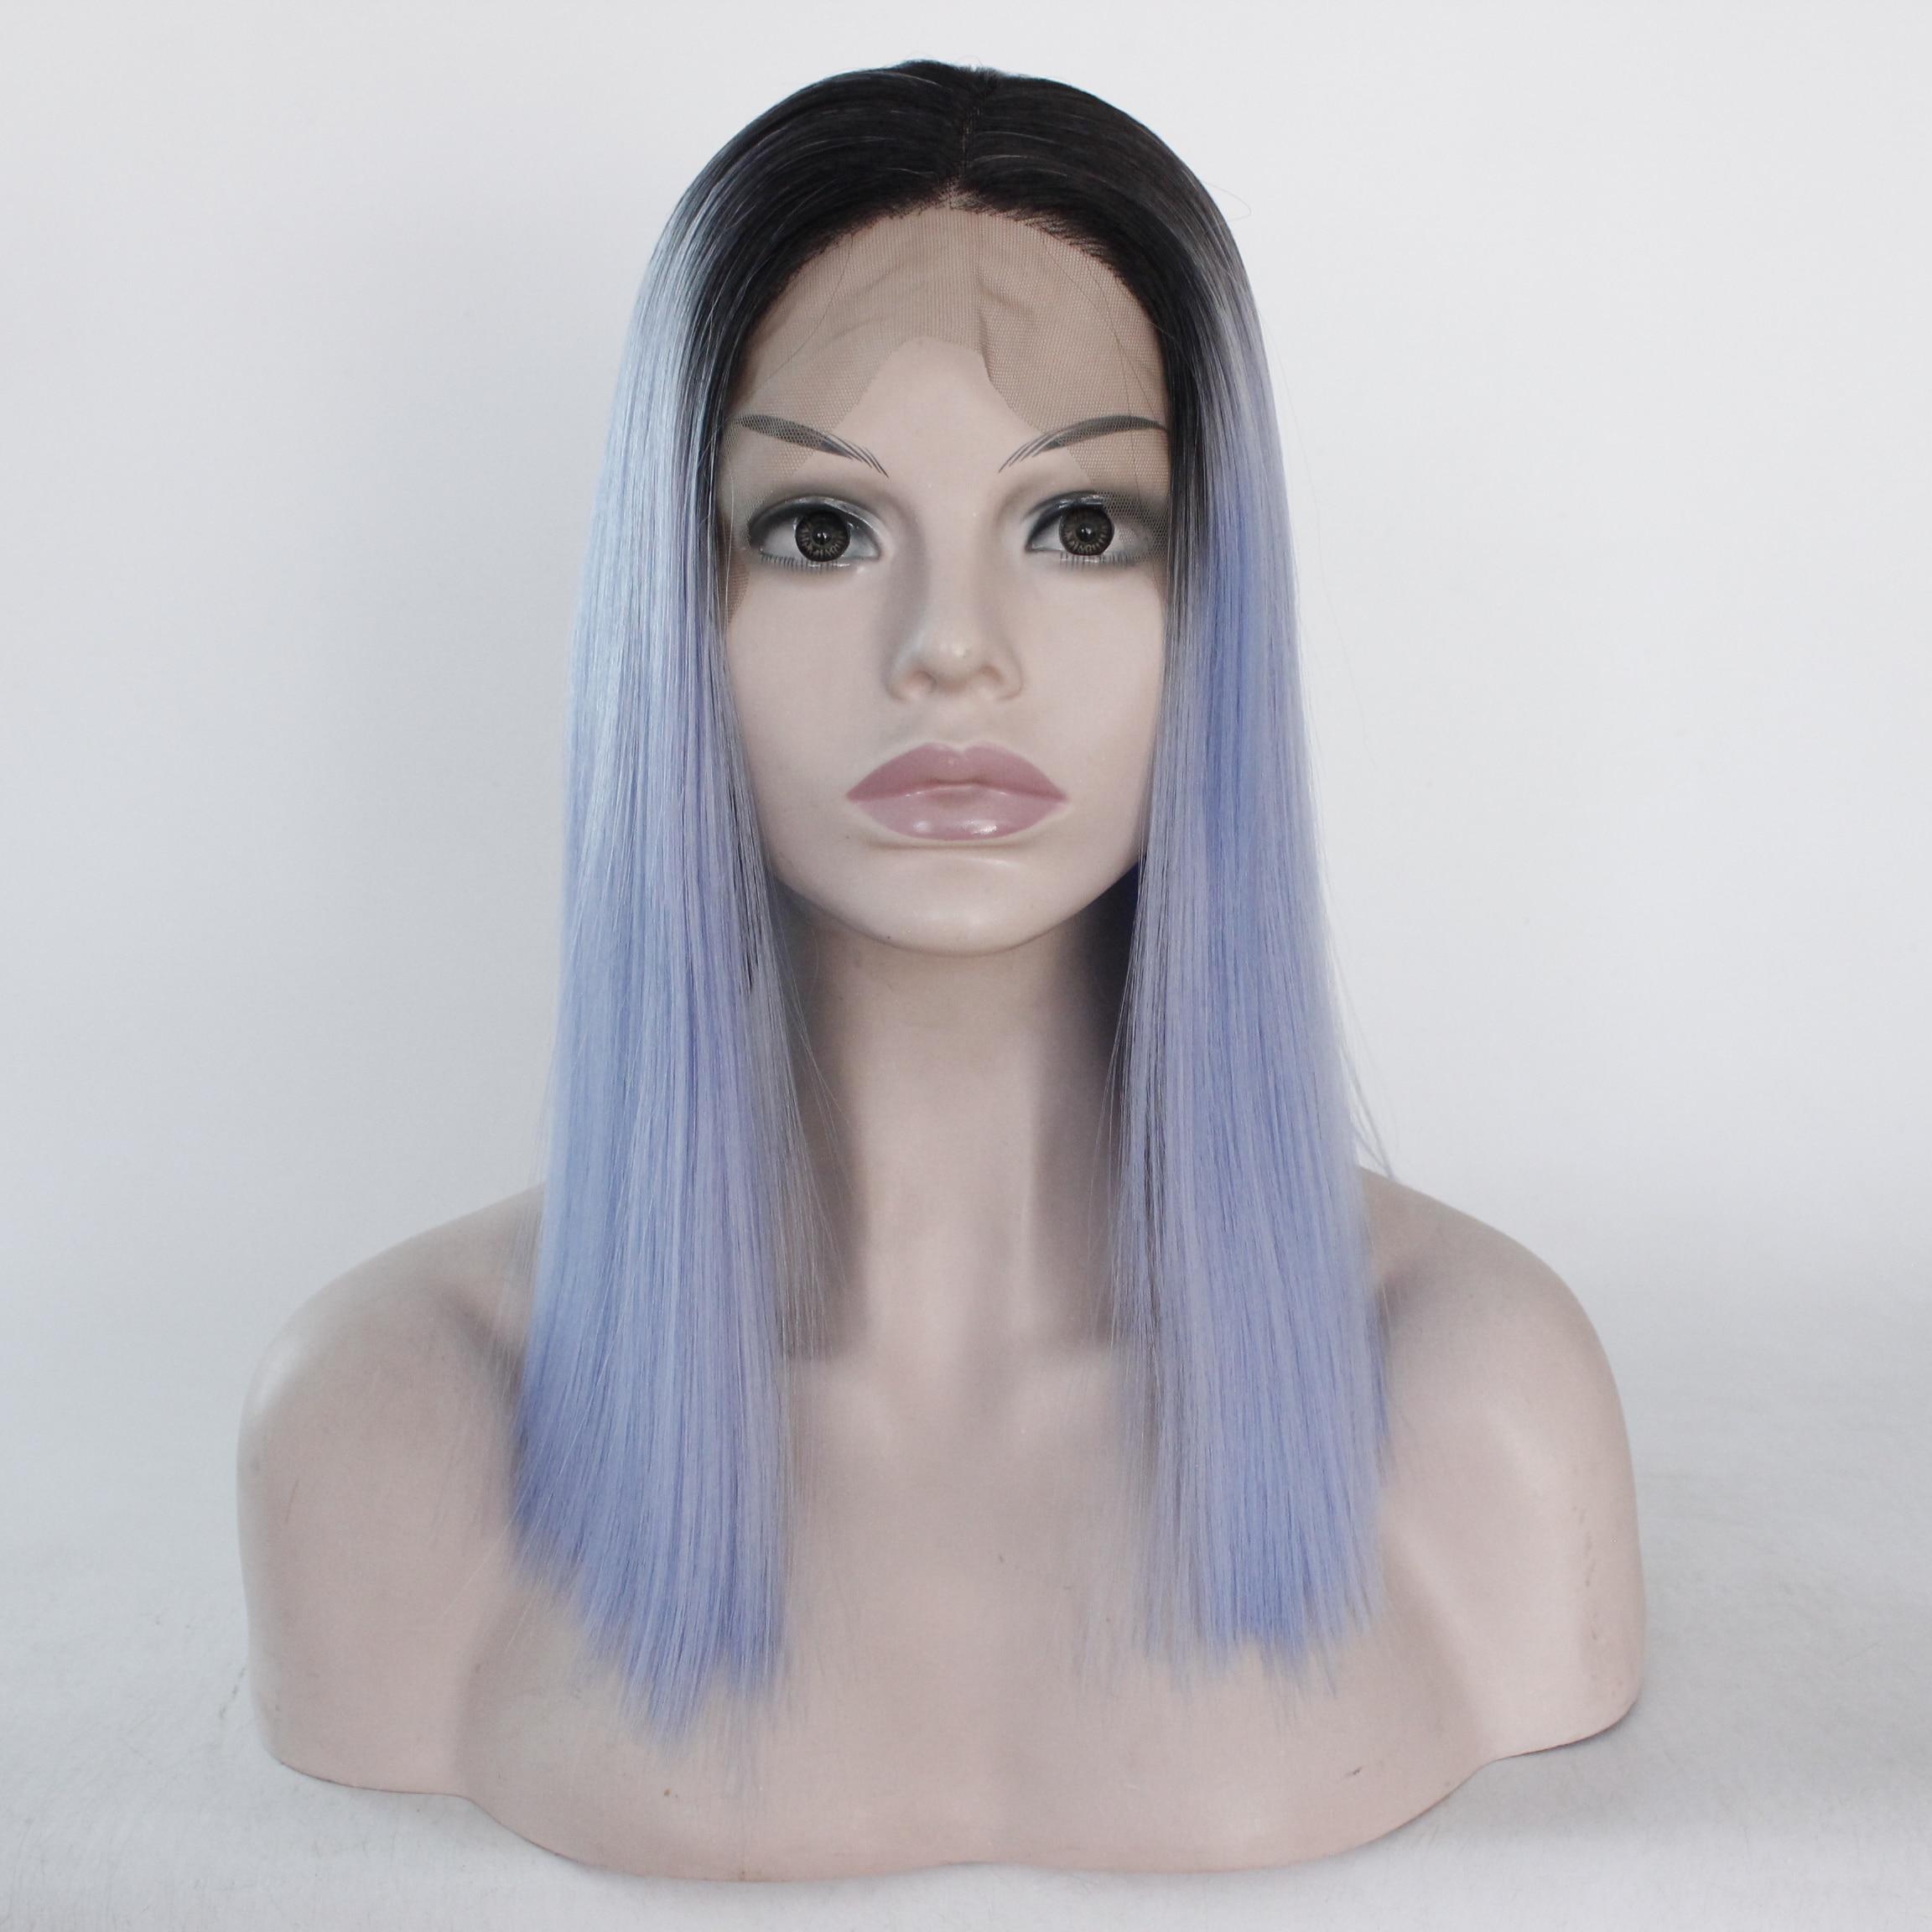 Fantaisie beauté Ombre bleu ciel coupe courte Bob droit perruque 13x3 synthétique avant dentelle perruque haute température Fiber cheveux Cosplay